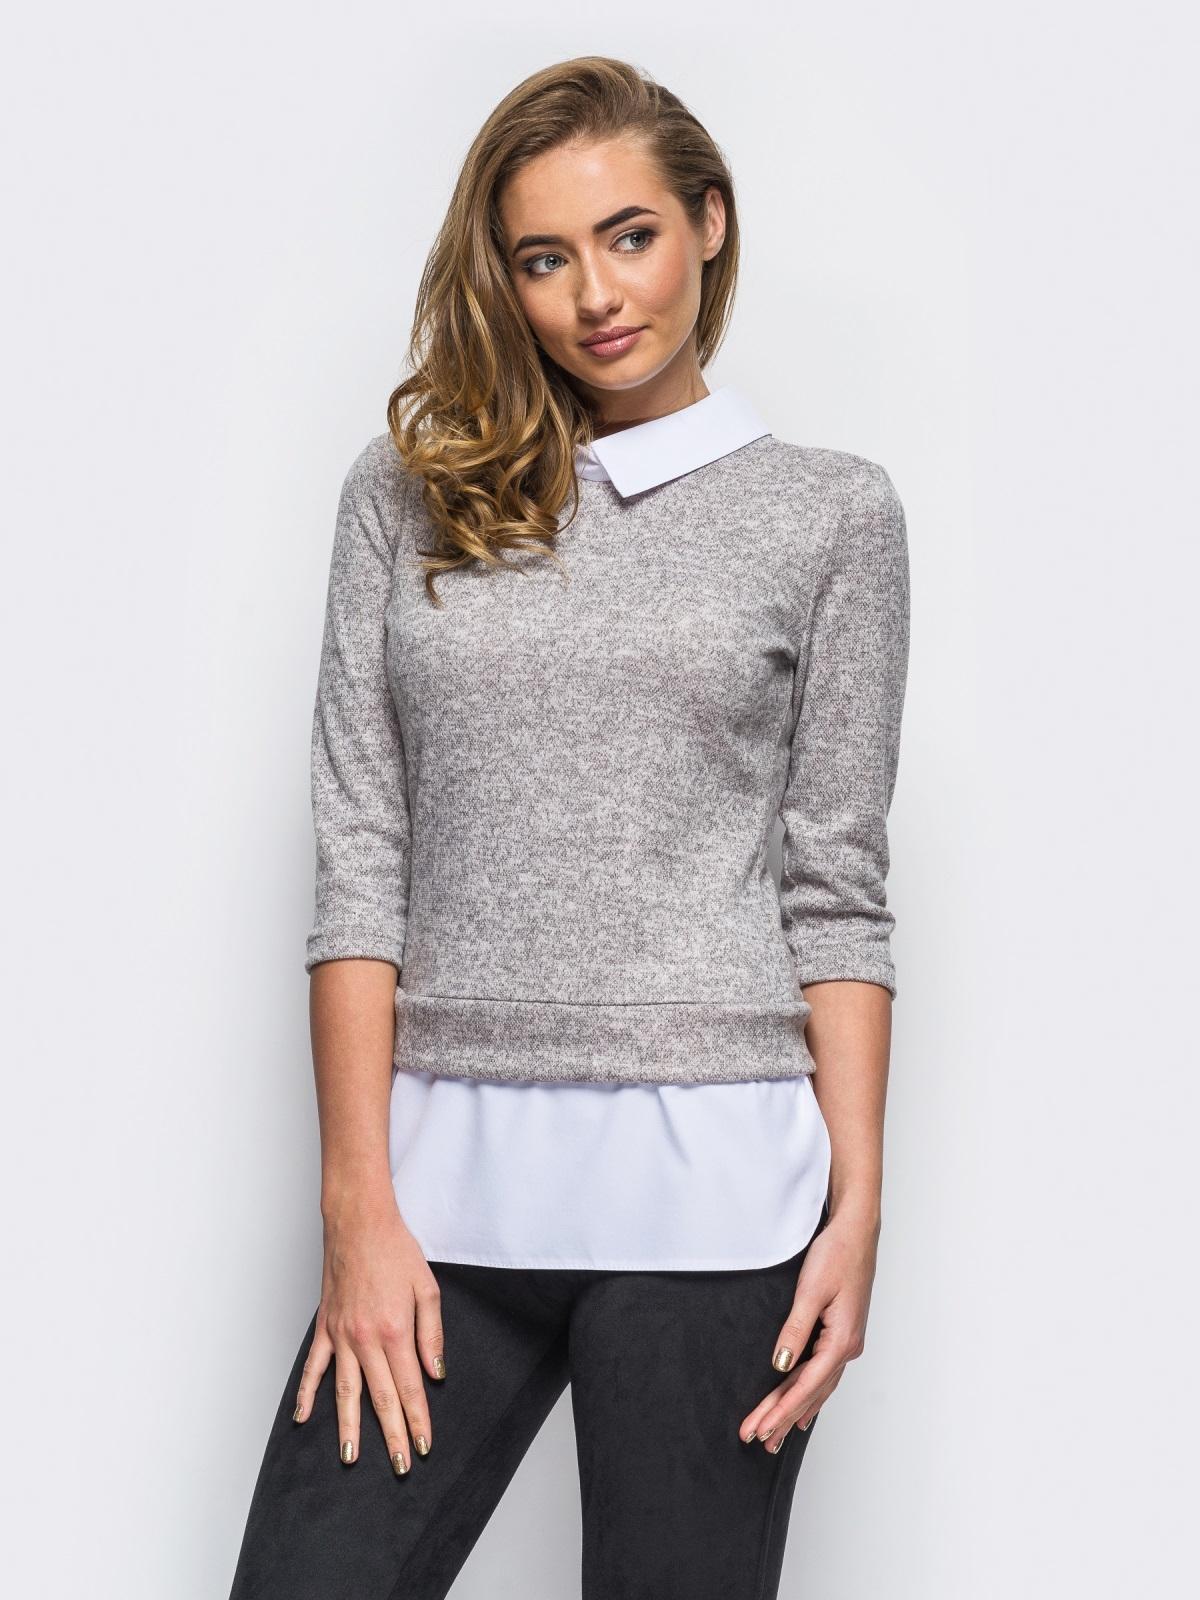 Серая кофта с имитацией блузы по низу - 10592, фото 1 – интернет-магазин Dressa